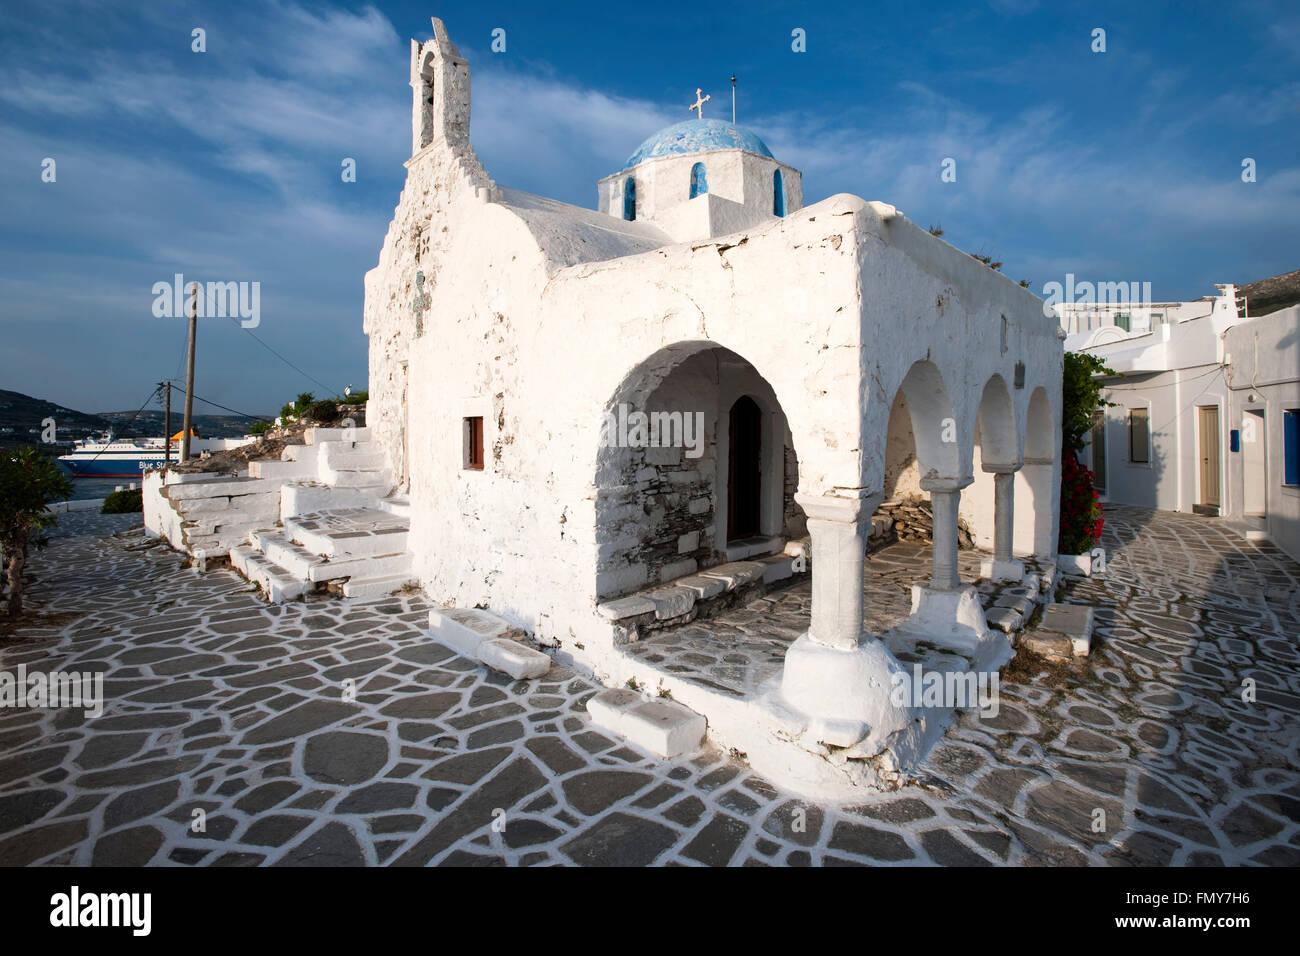 Griechenland, Kykladen, Paros, Parikia, im Kastro-Viertel, Doppelkapelle Agios Konstantinos und Evangelistrias - Stock Image